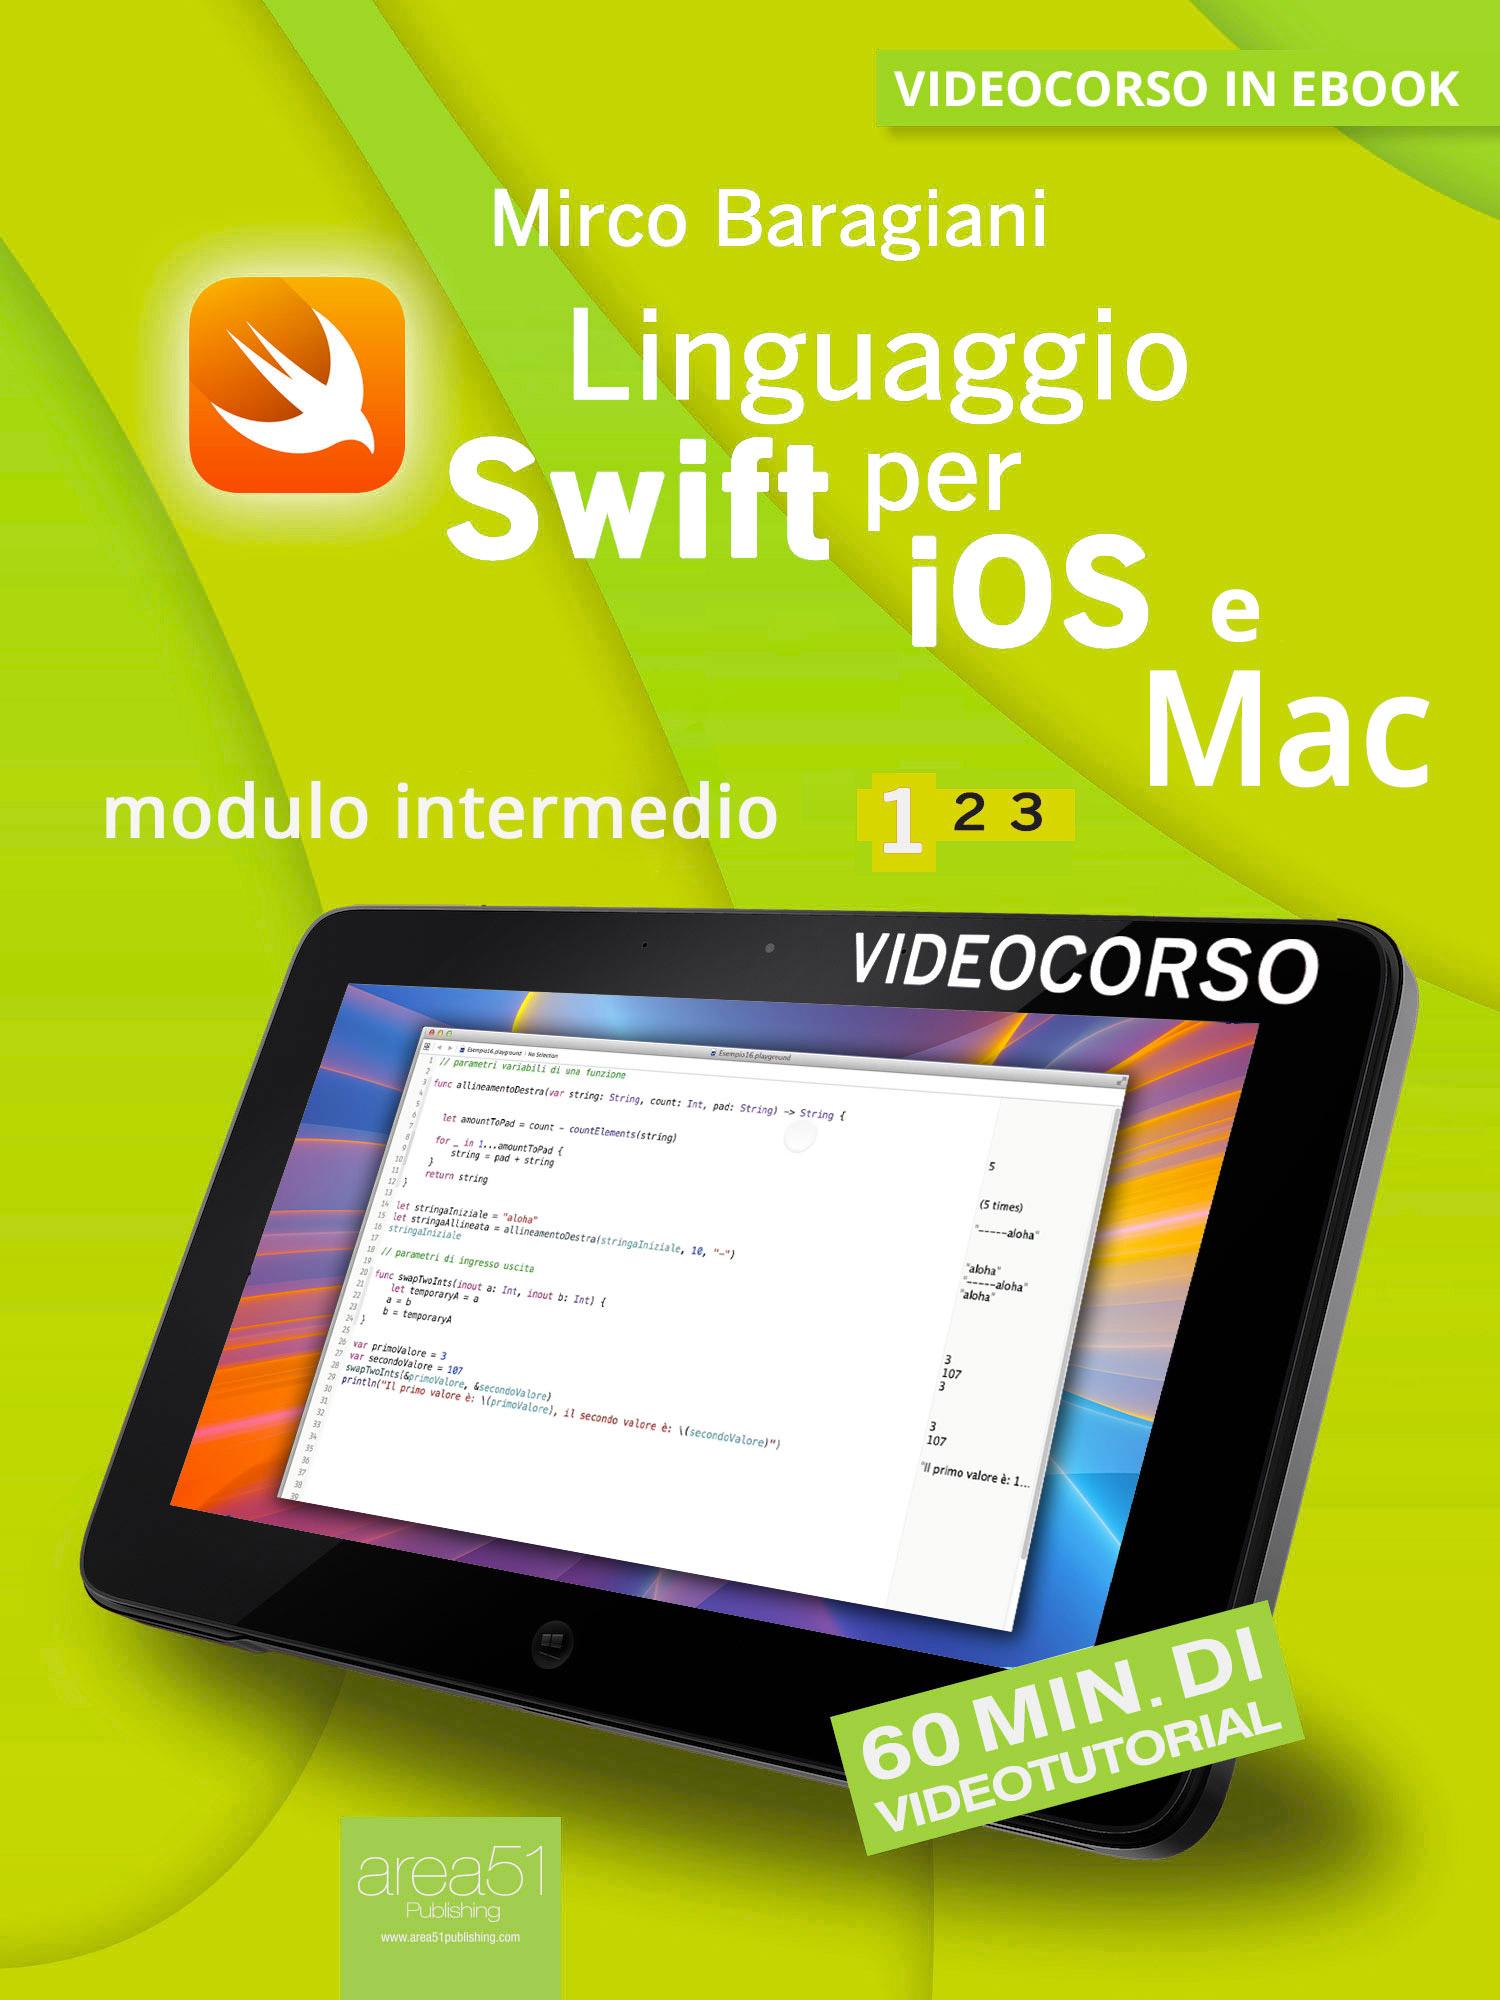 Linguaggio Swift per iOS e Mac 1-0